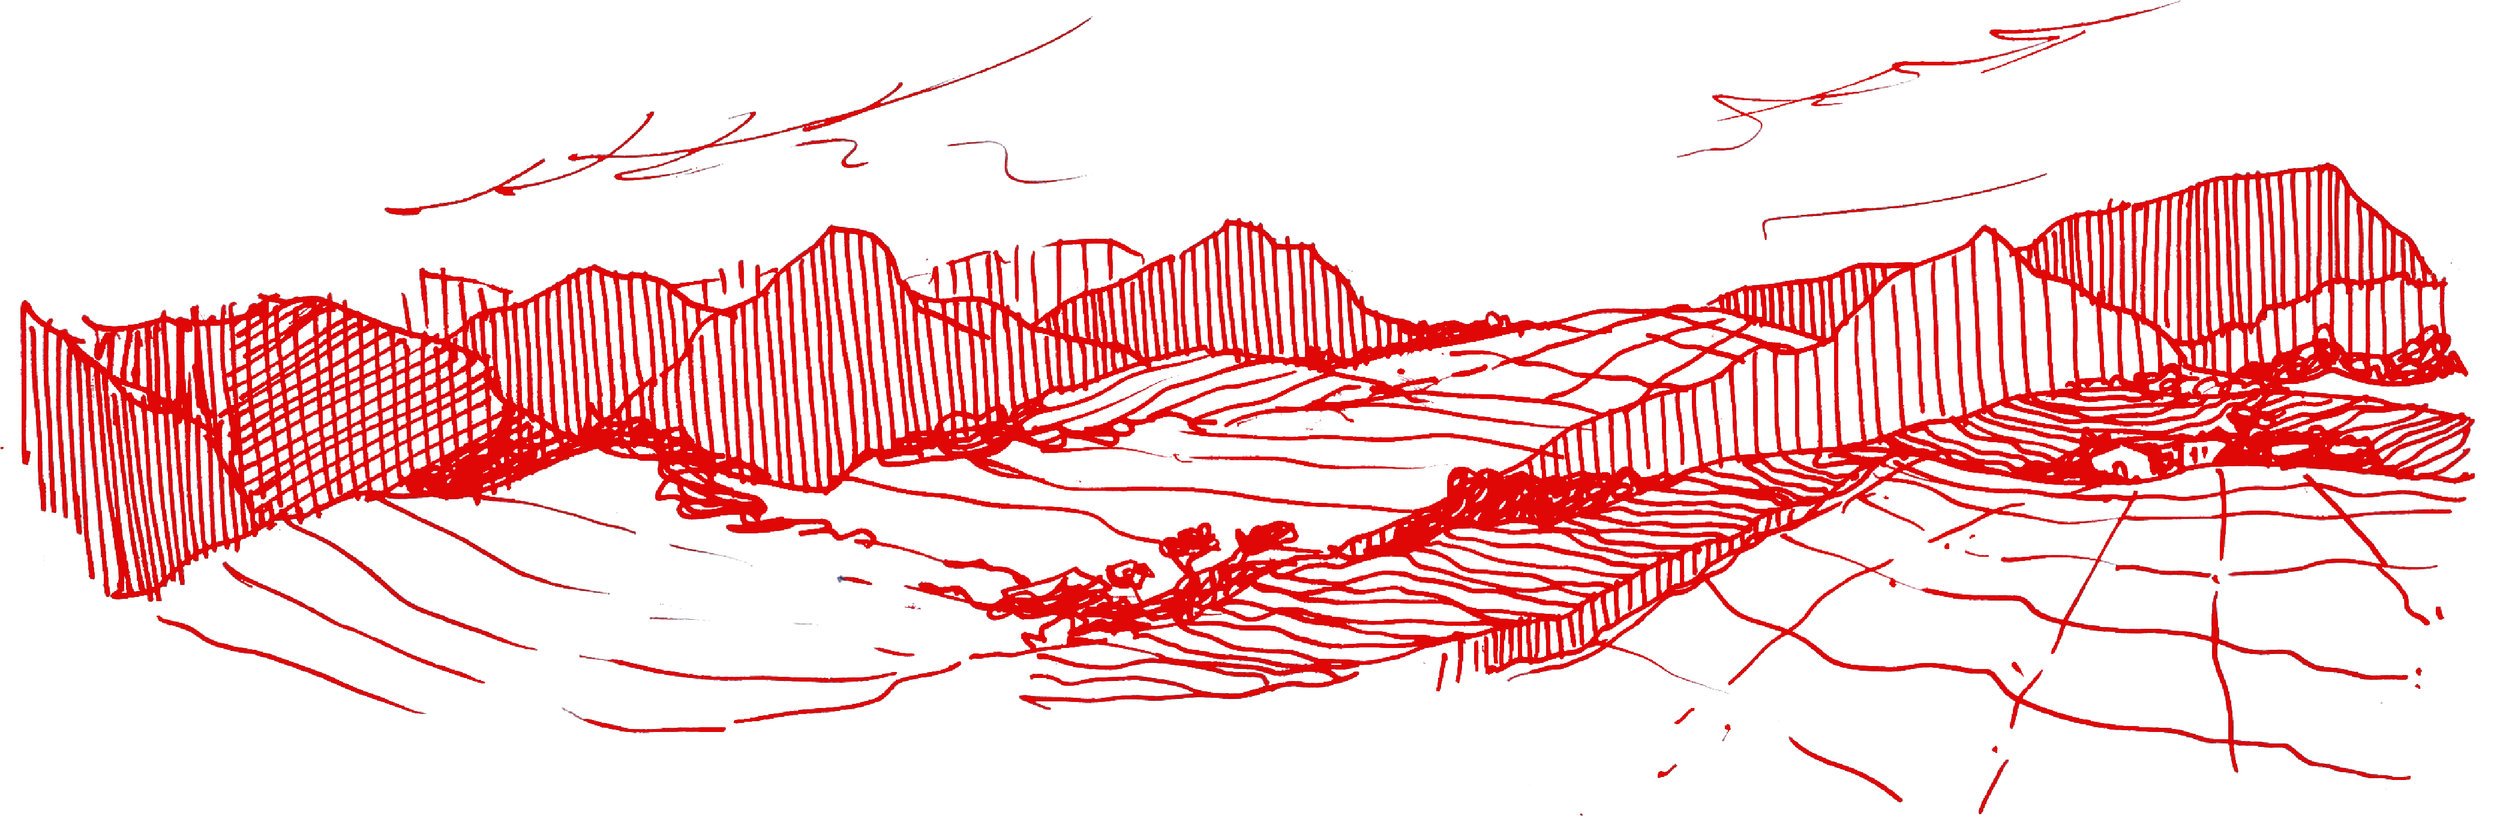 SC Website Banner - Landscape drawing.jpg